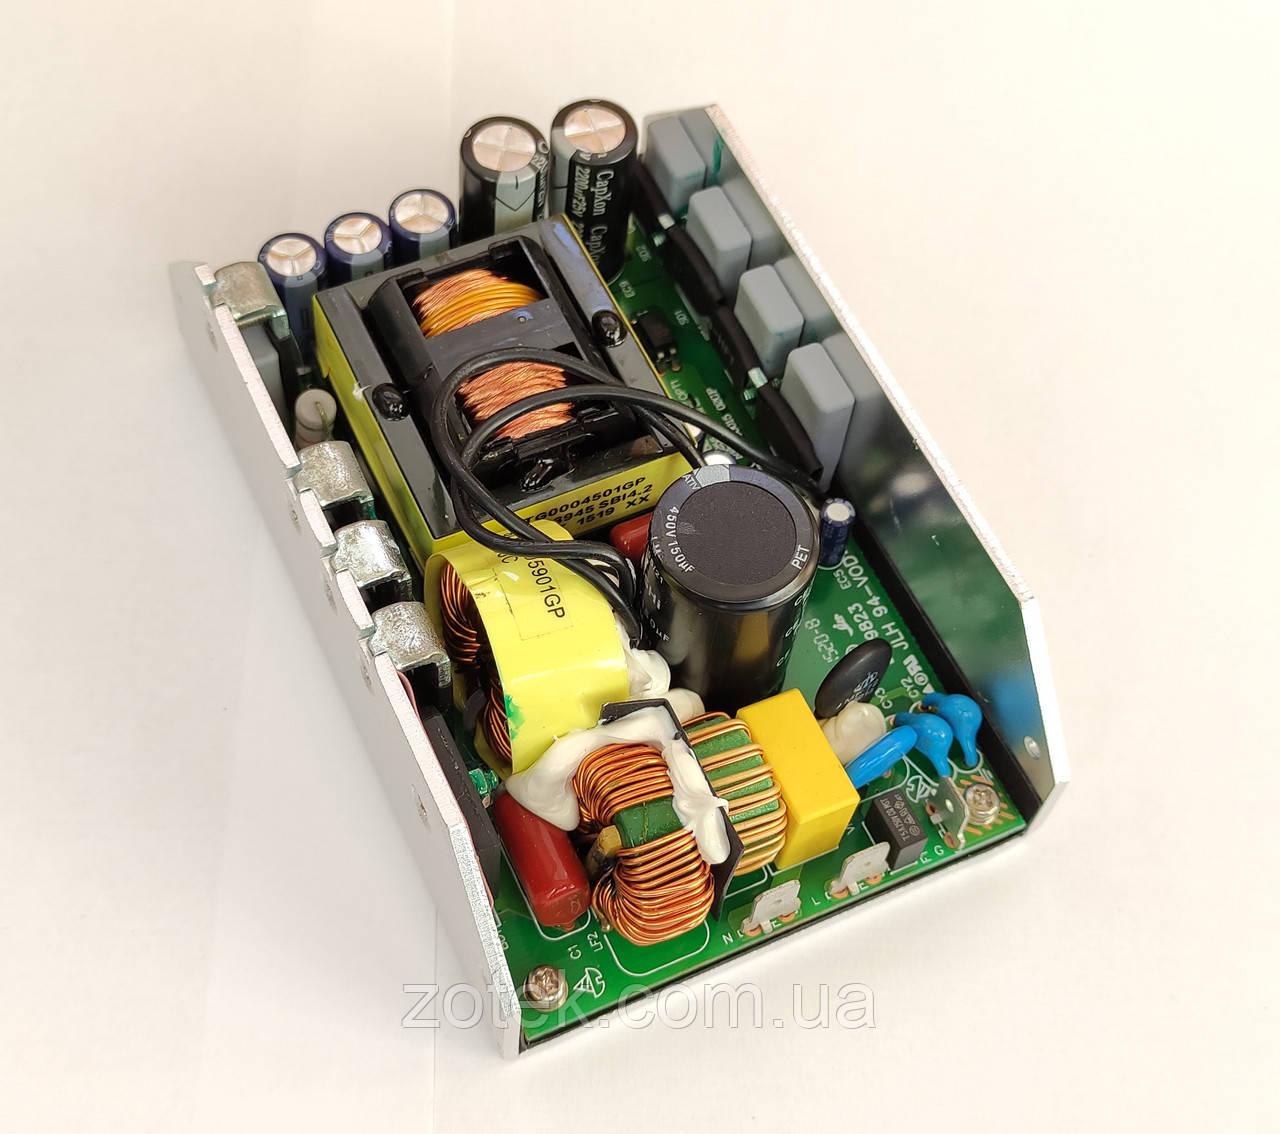 48В 1,8А + 12В 14А HQ255-2W02 Блок питания AC-DC 48V 1,8A + 12V 14A